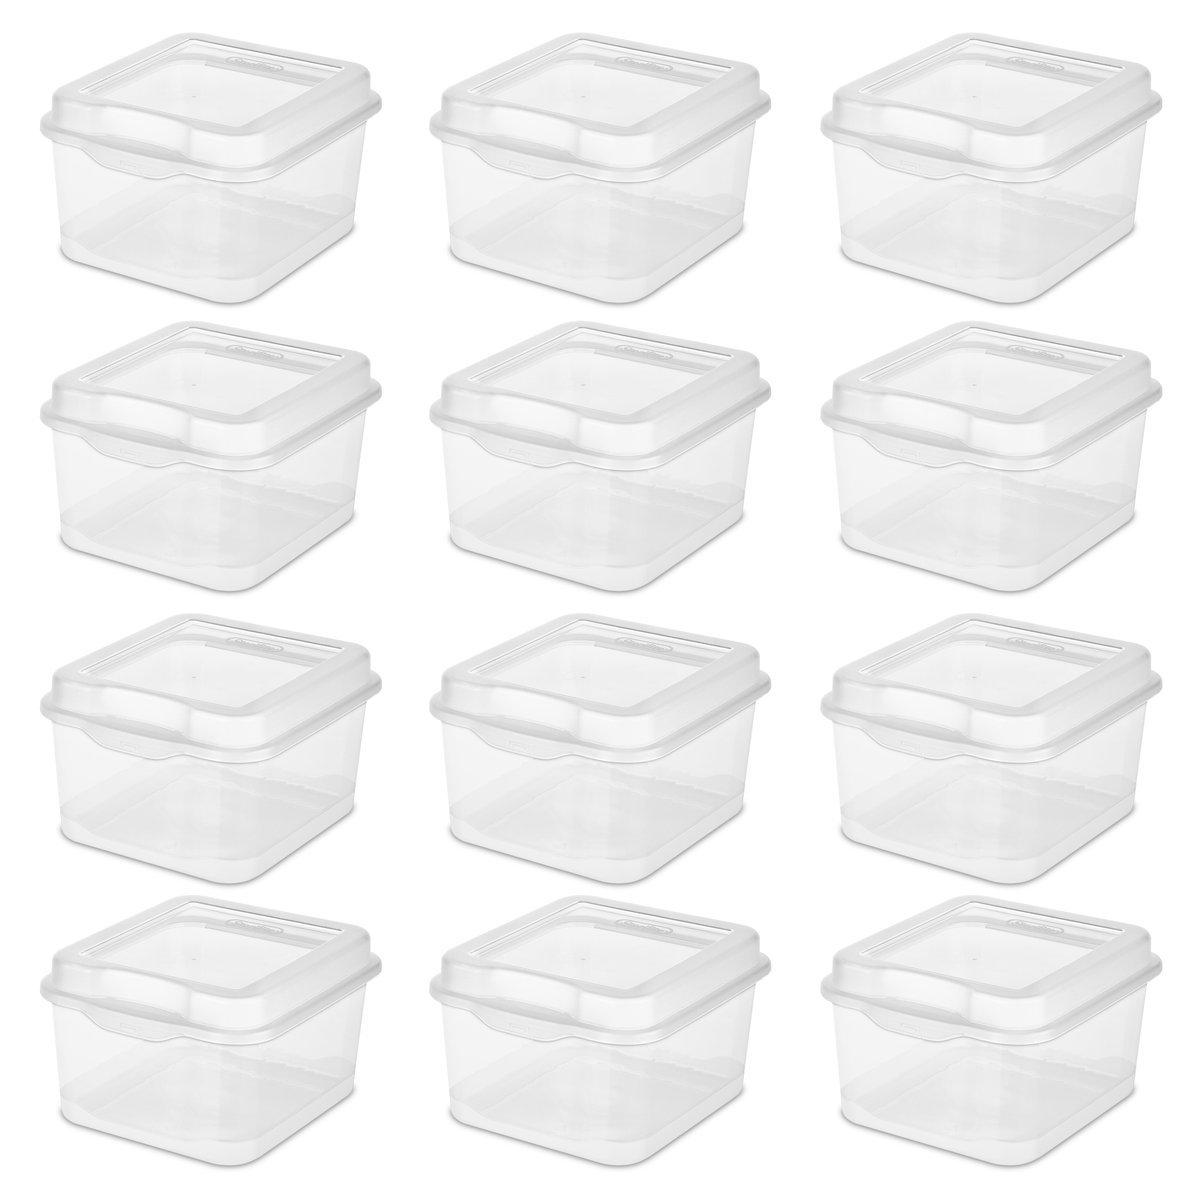 Sterilite 18038612 Flip Top, Clear, 12-Pack